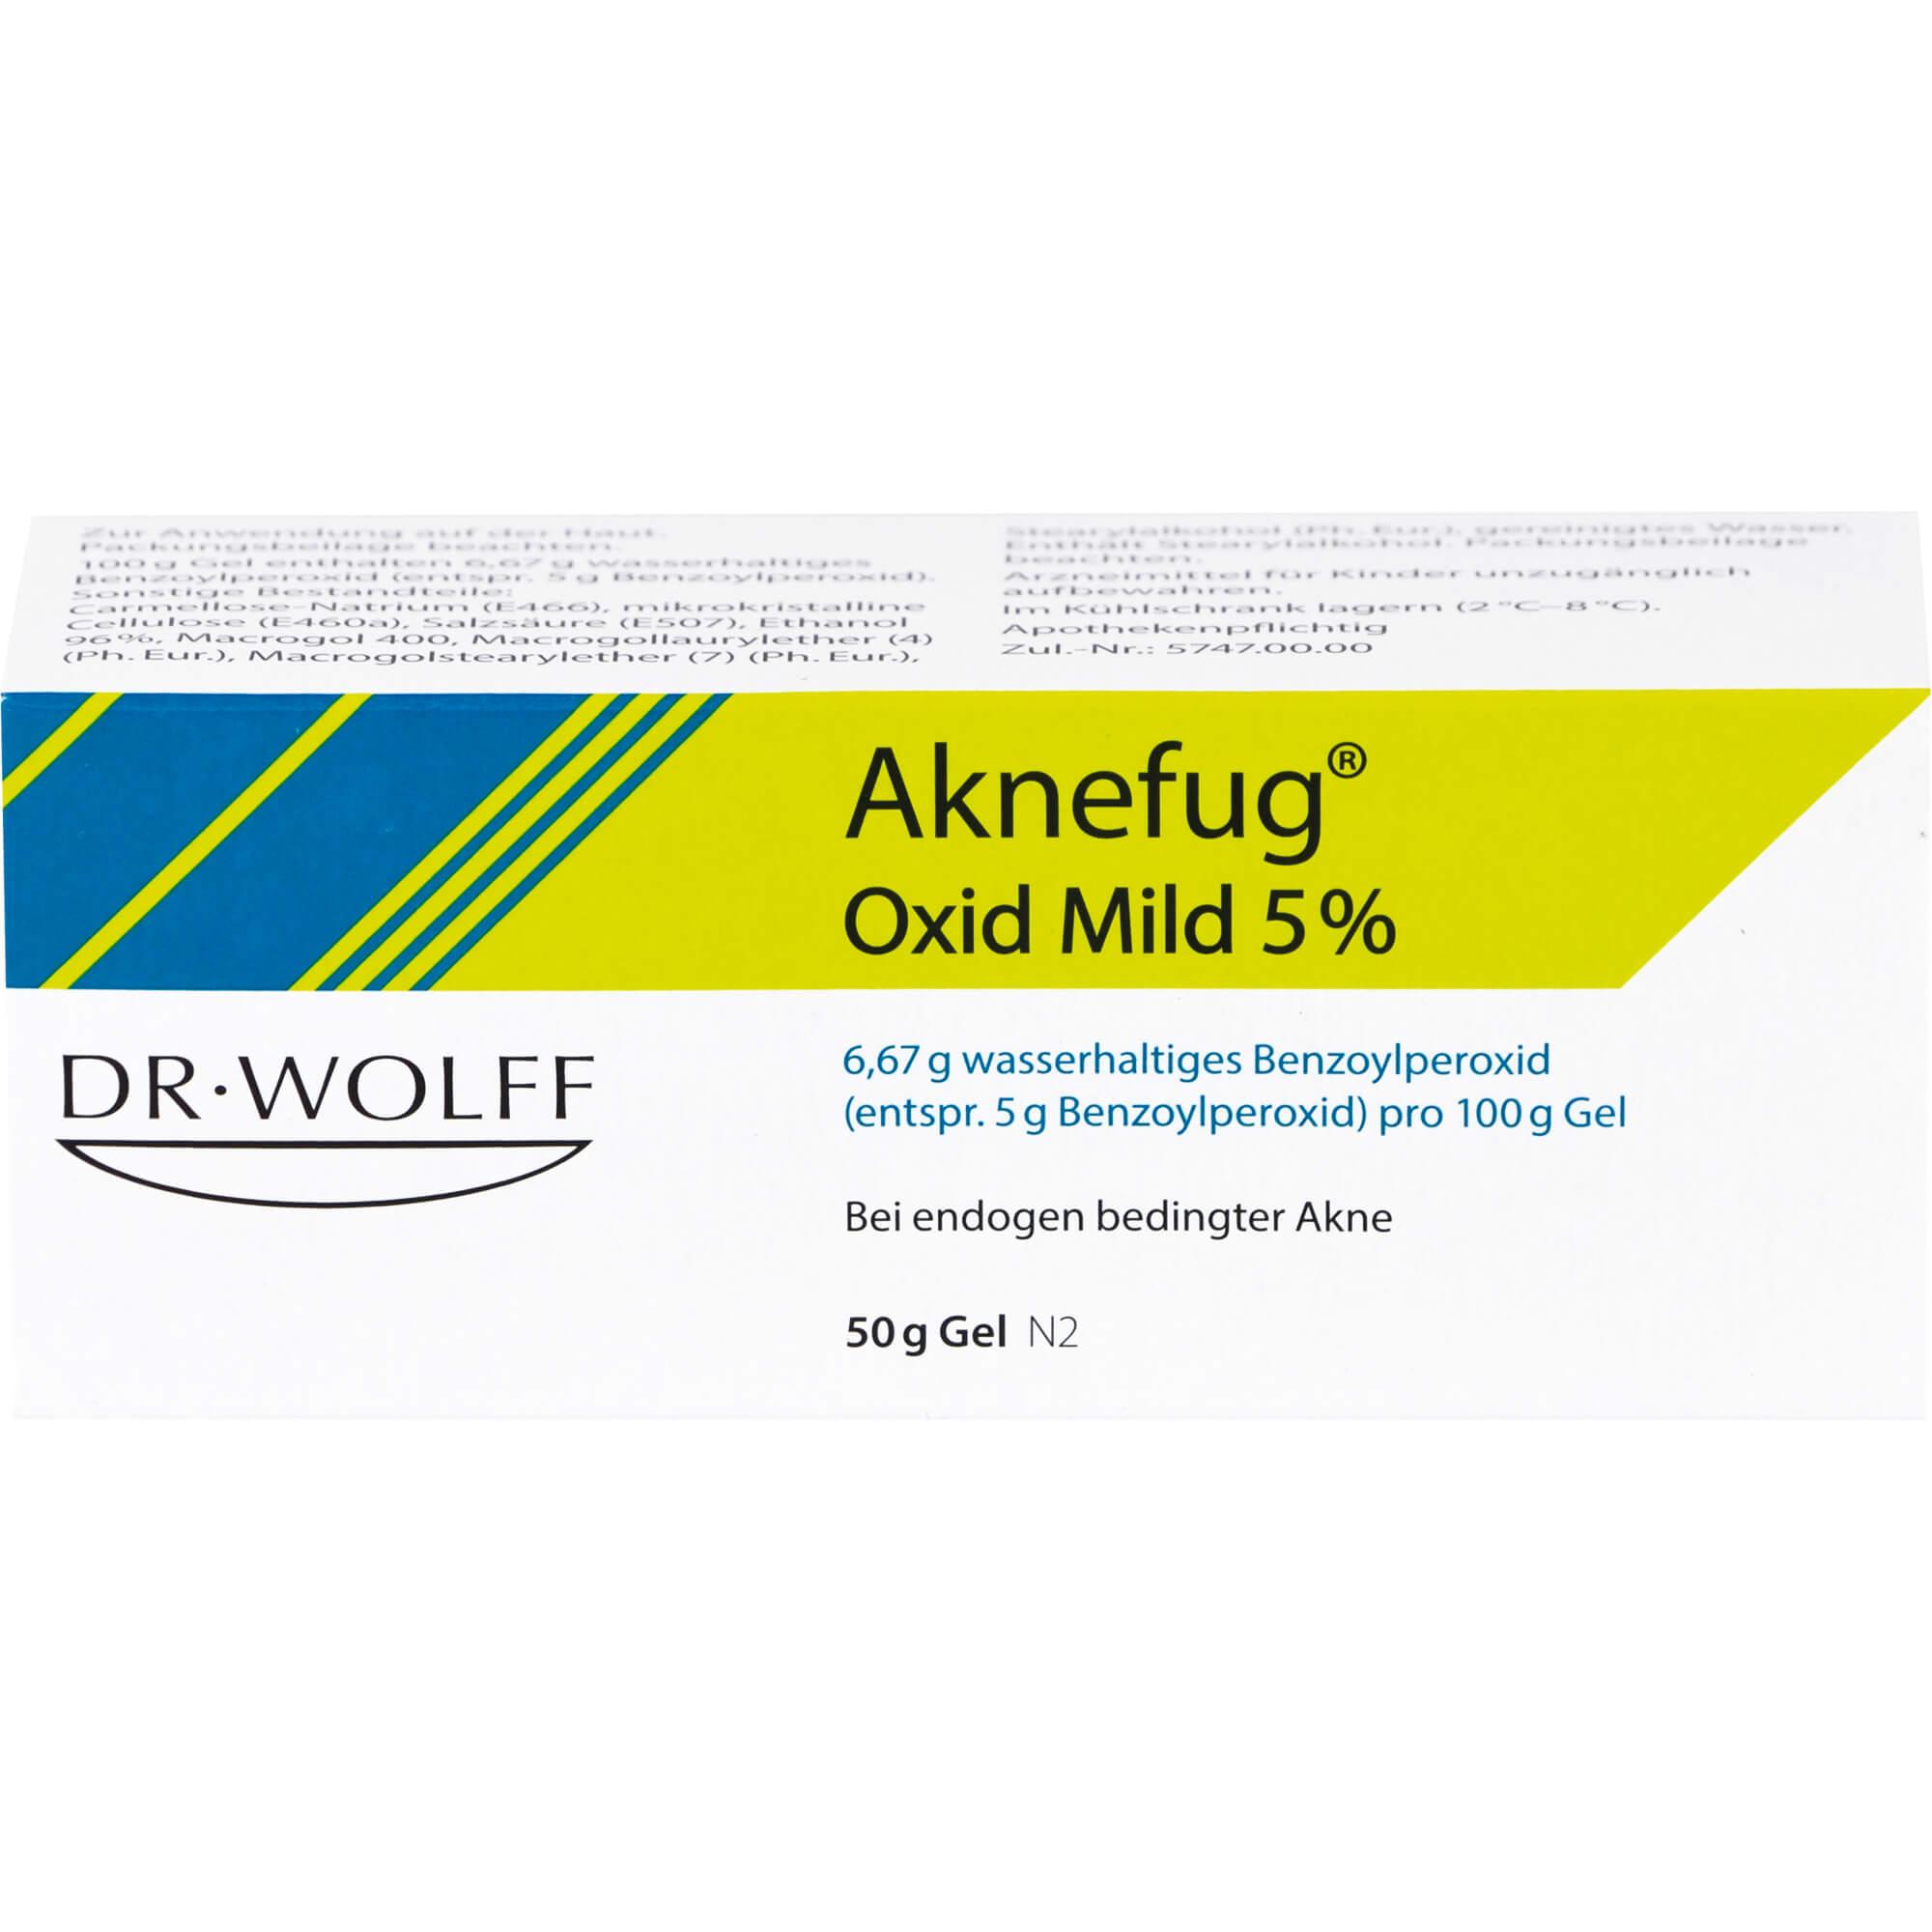 AKNEFUG oxid mild 5% Gel